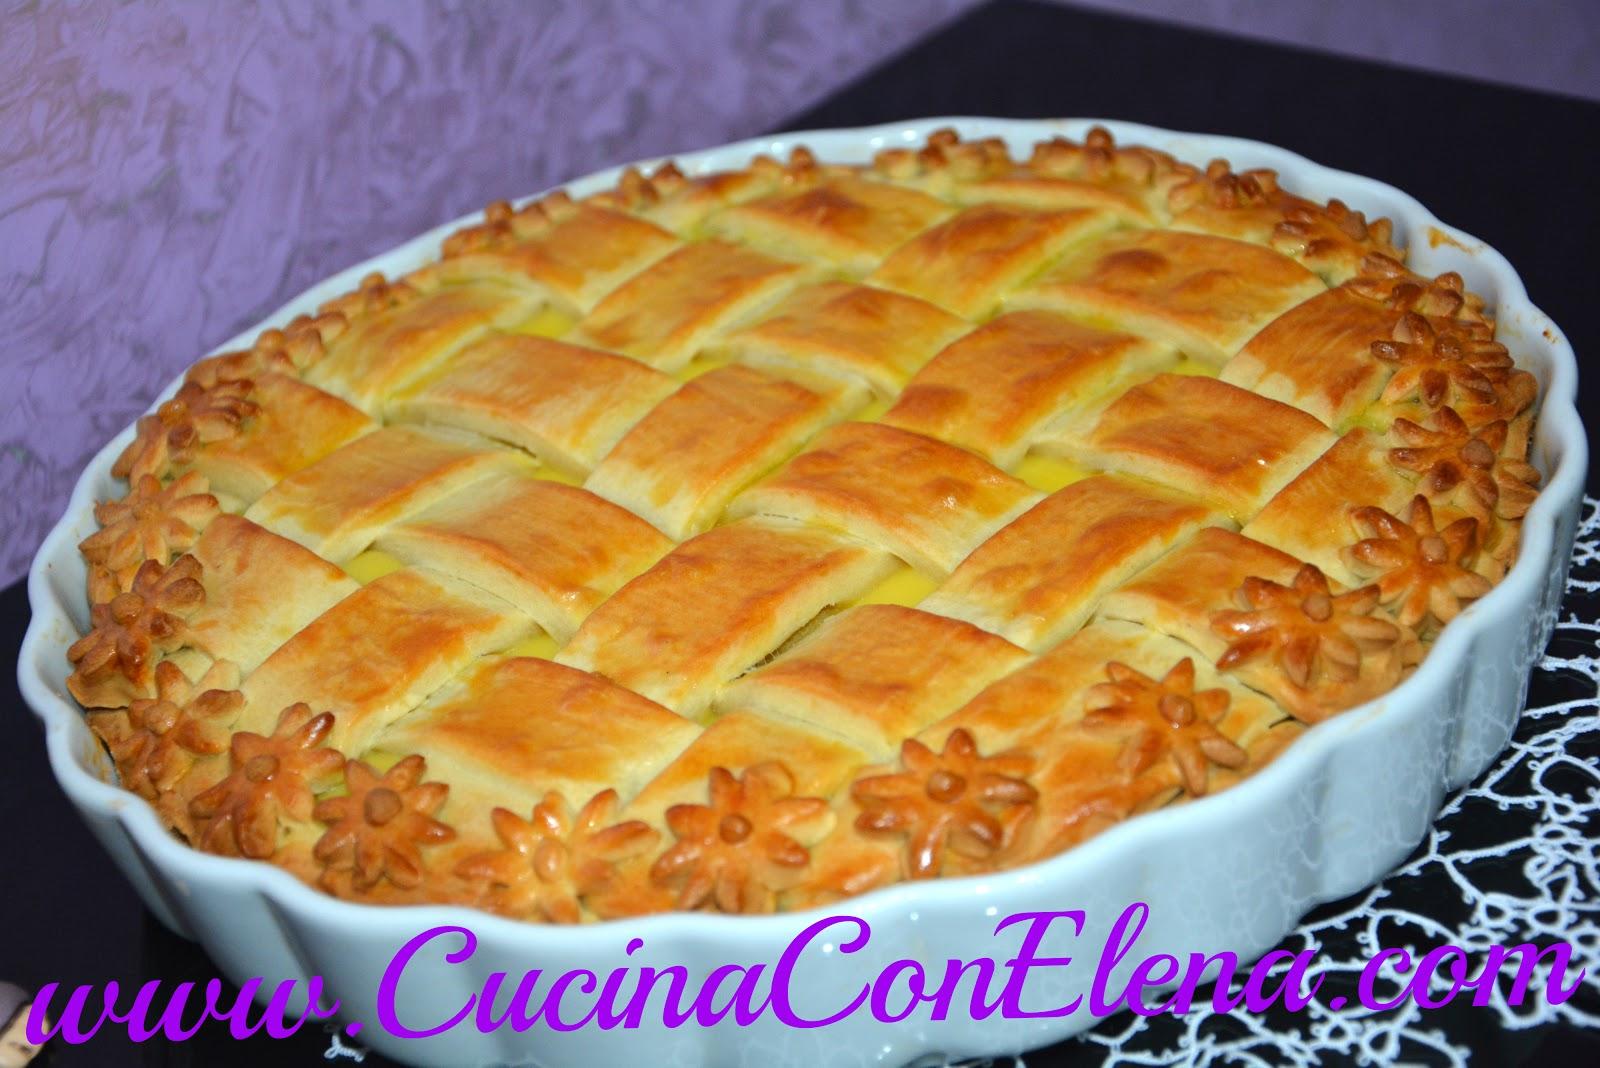 Cucina Facile Con Elena – Casamia Idea di immagine